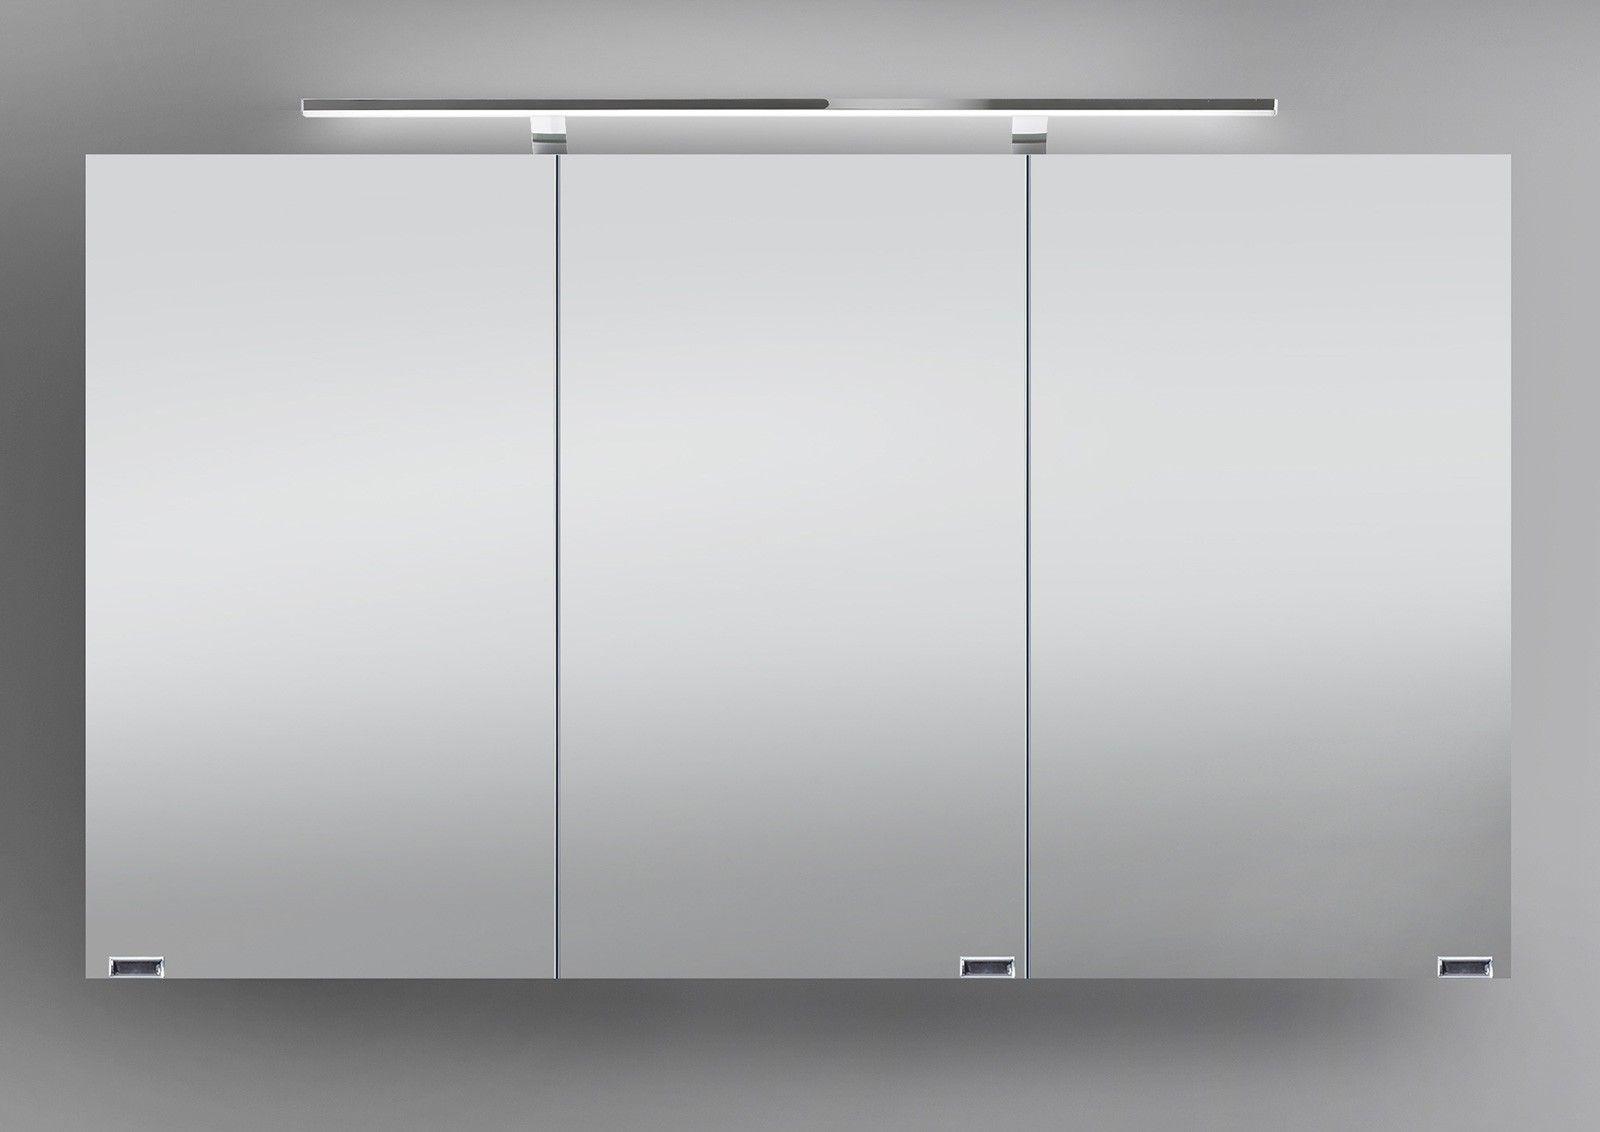 Pin Von Florenta Ajvazaj Auf Einrichtung In 2020 Spiegelschrank